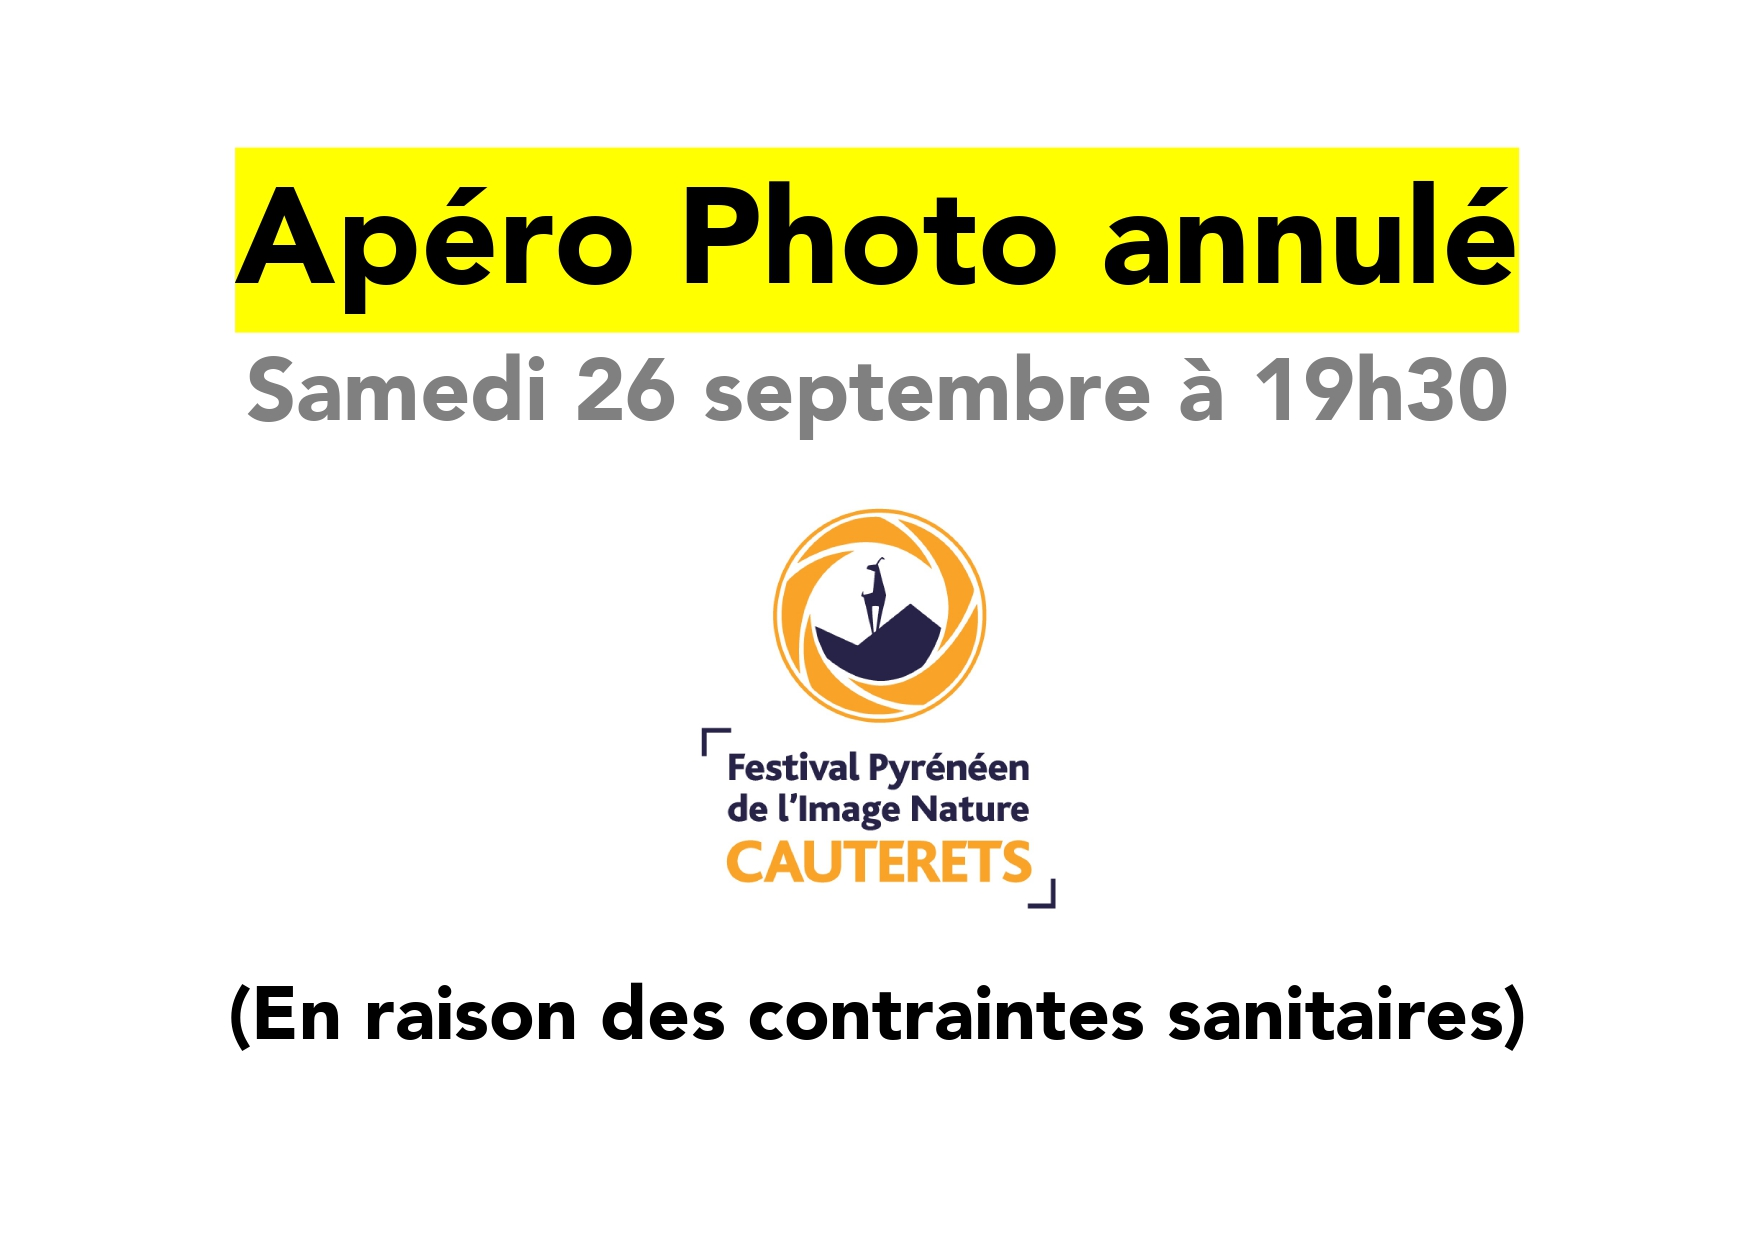 Apéro Photo 2020 annulé